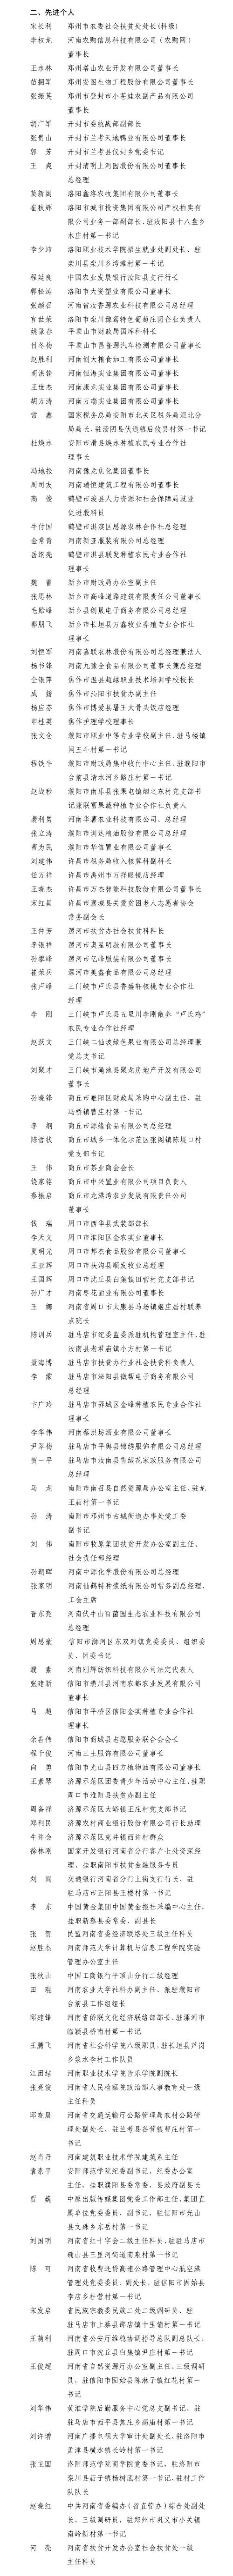 2020年河南省社會扶貧先進集體和先進個人擬表彰對象公示